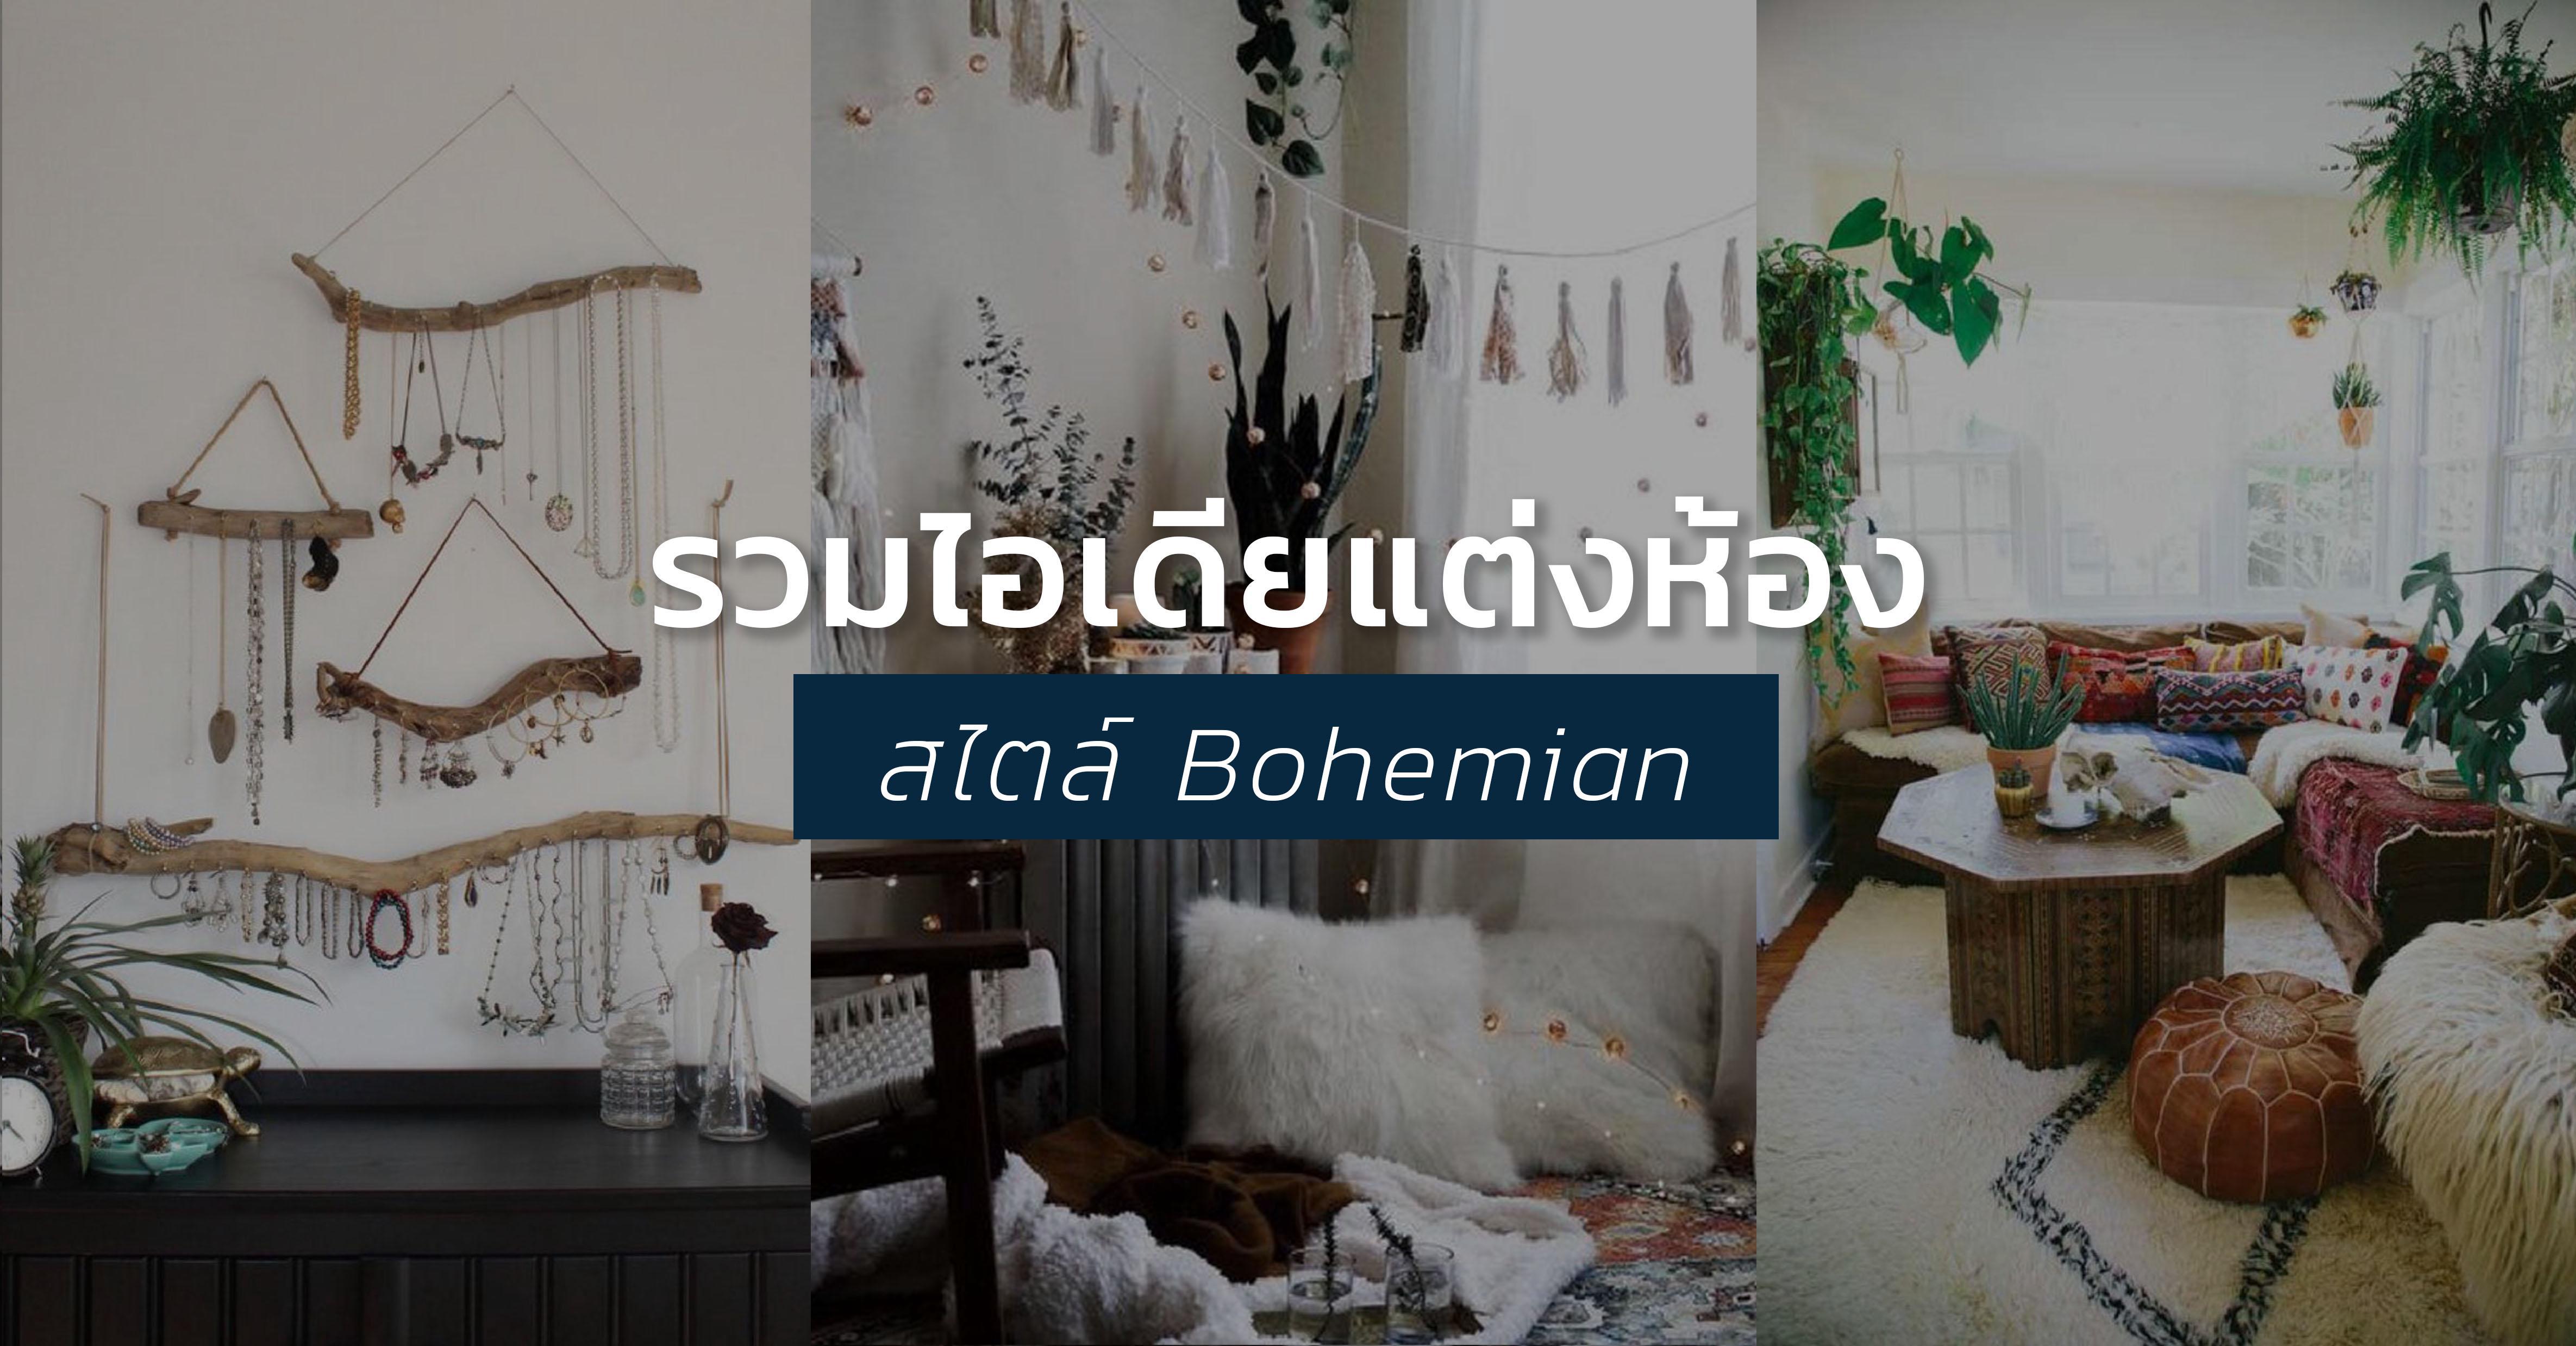 รูปบทความ รวมไอเดียแต่งห้องสไตล์ bohemian เปลี่ยนบรรยากาศง่ายๆ เหมือนได้ห้องใหม่